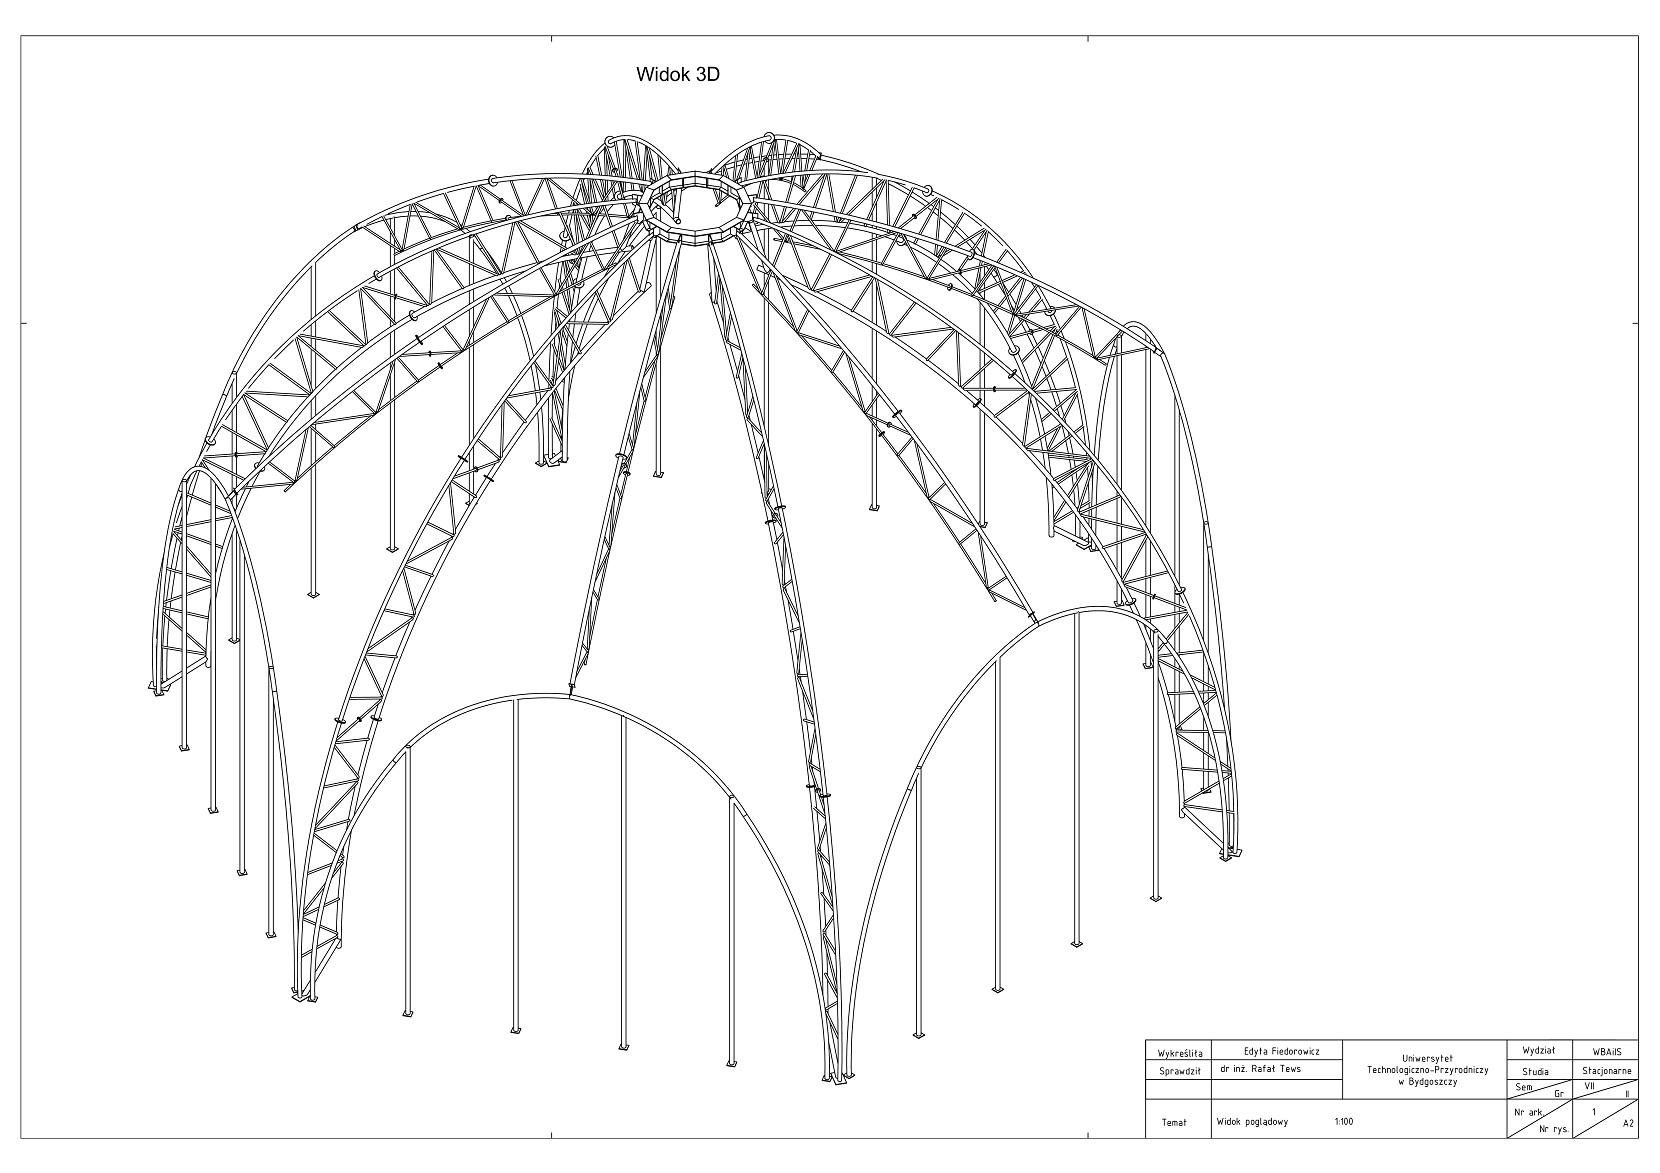 Projekt konstrukcyjny budynku palmiarni